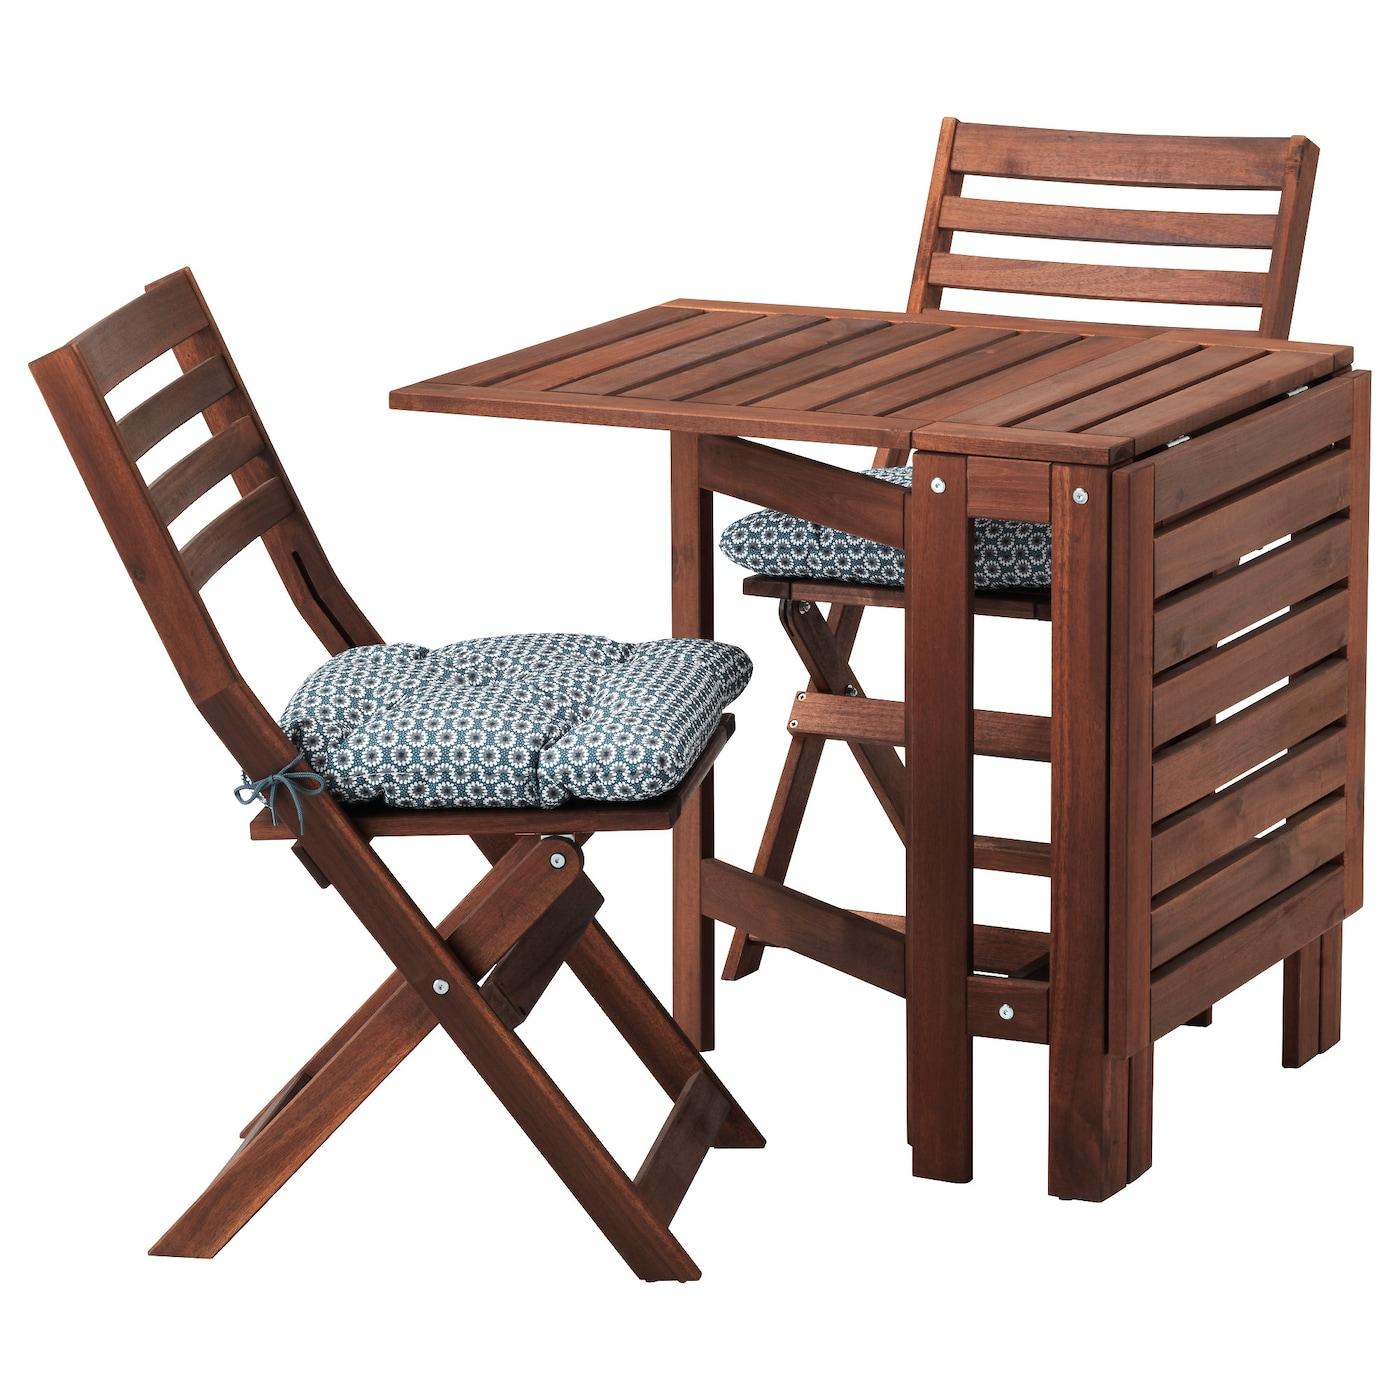 ensembles de tables et chaises de jardin - ikea